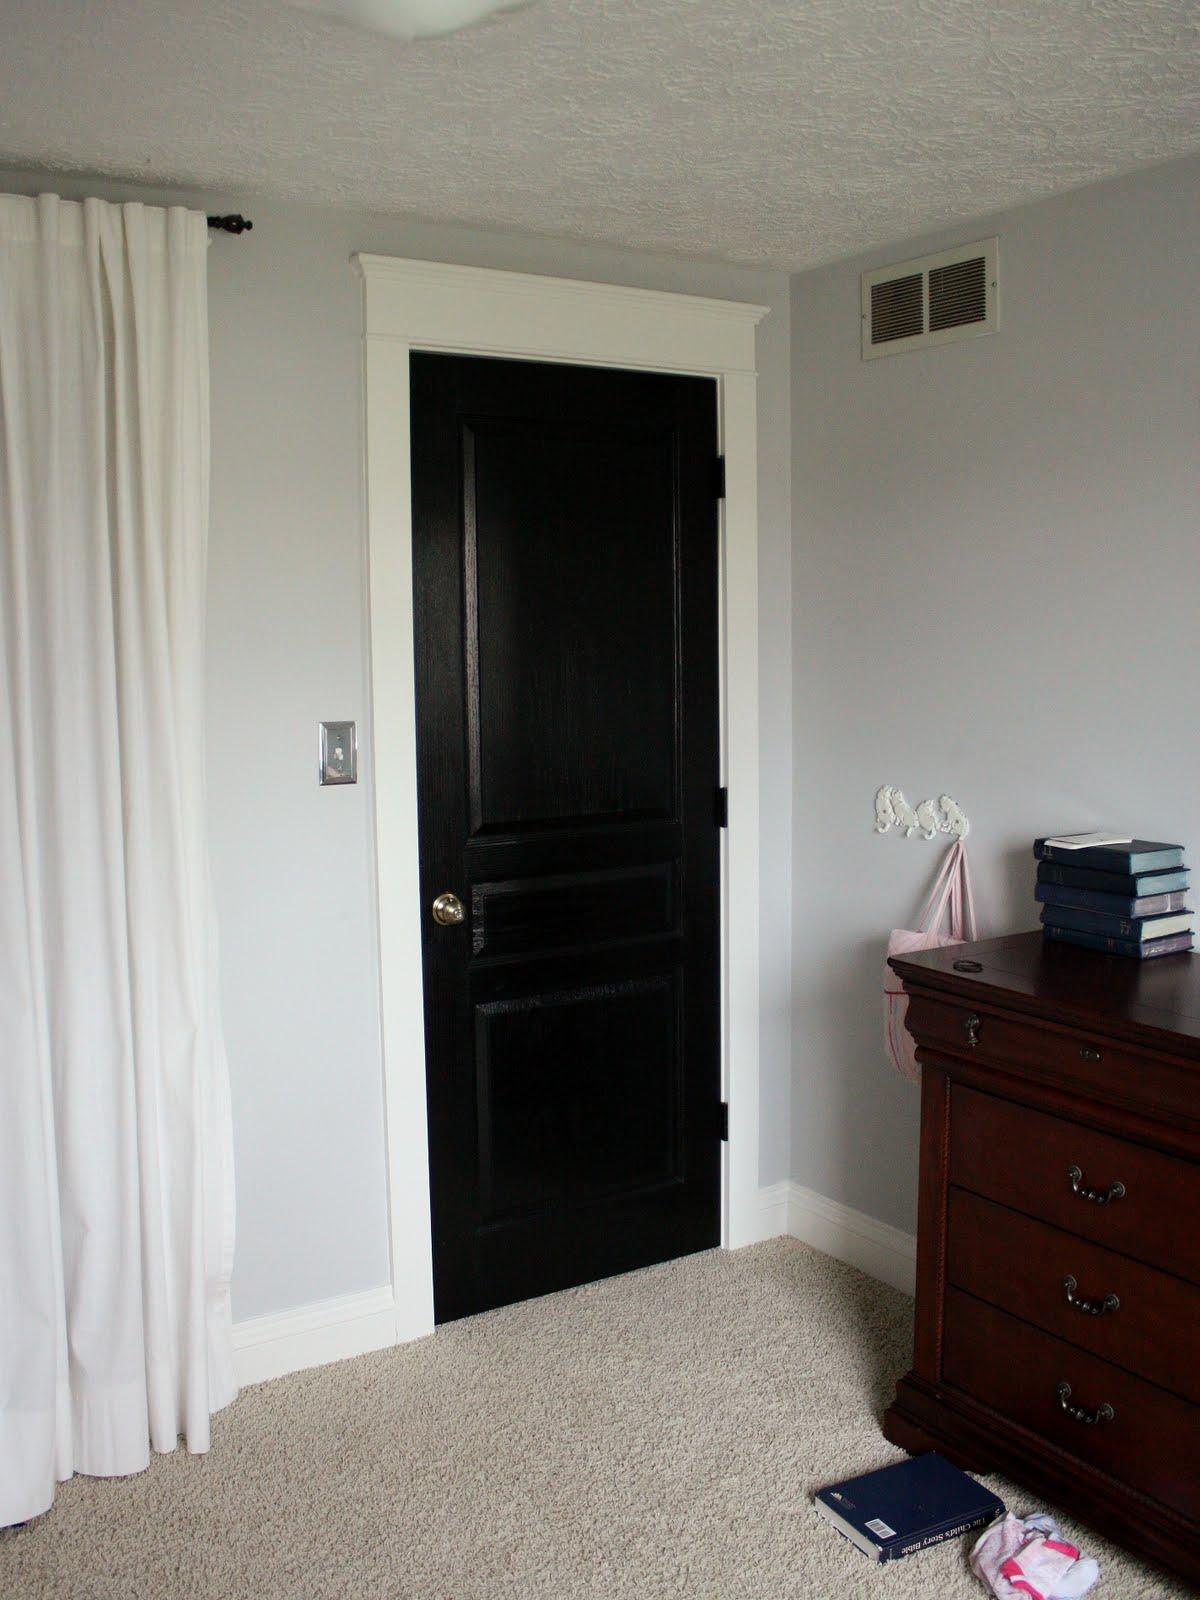 Black interior doors with white trim - Black Interior Doors With White Trim 10